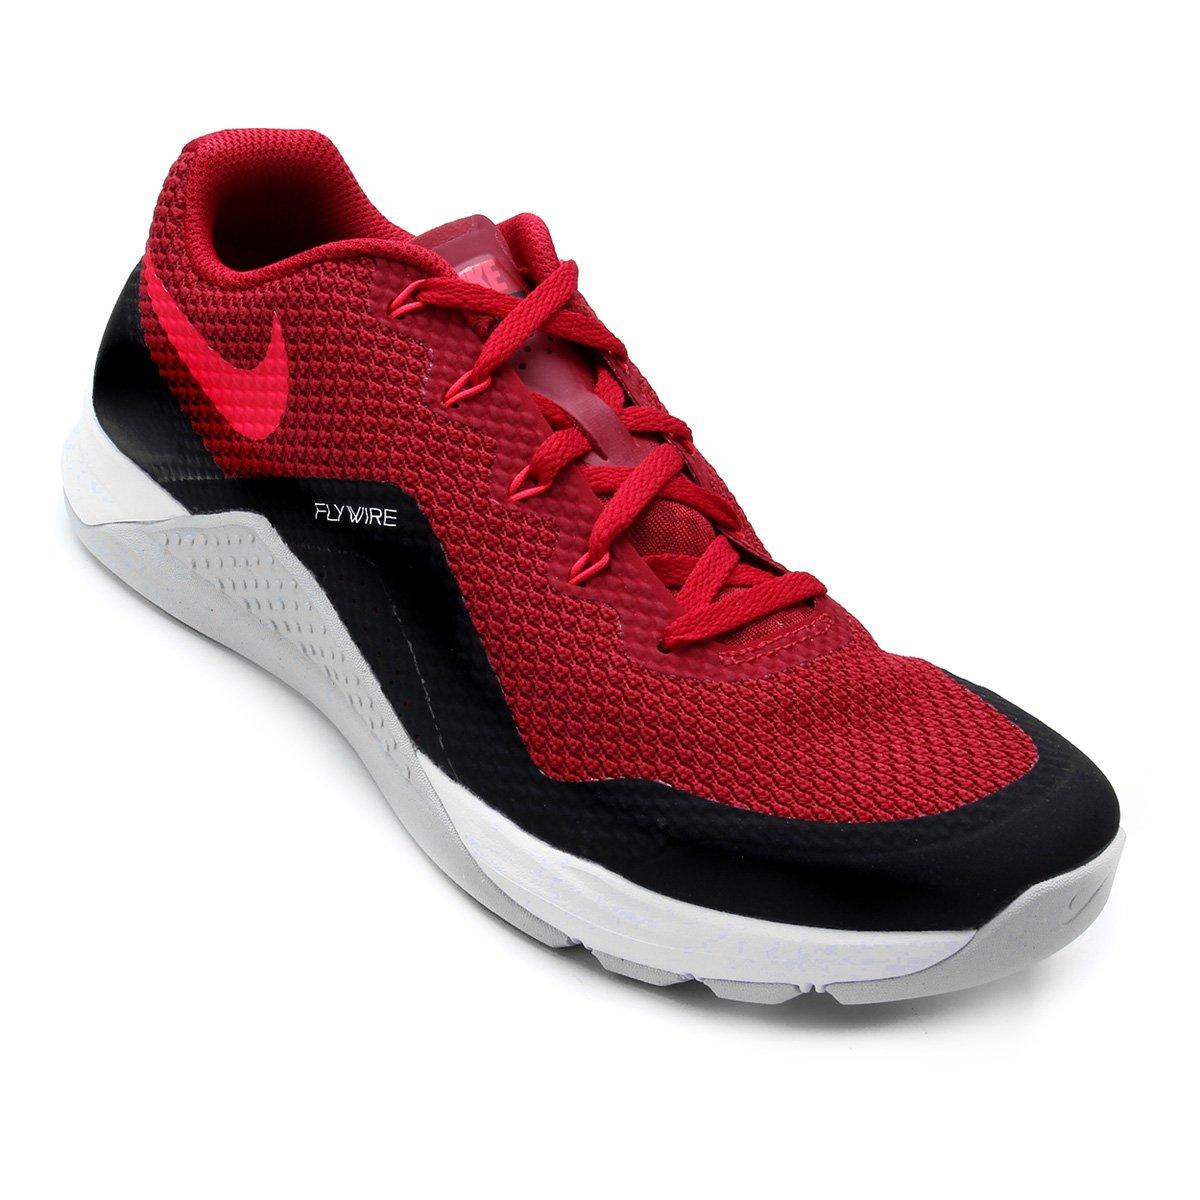 Tênis Nike Metcon Repper Dsx Masculino - Vermelho e Branco - Compre ... 9e40ac71aec86